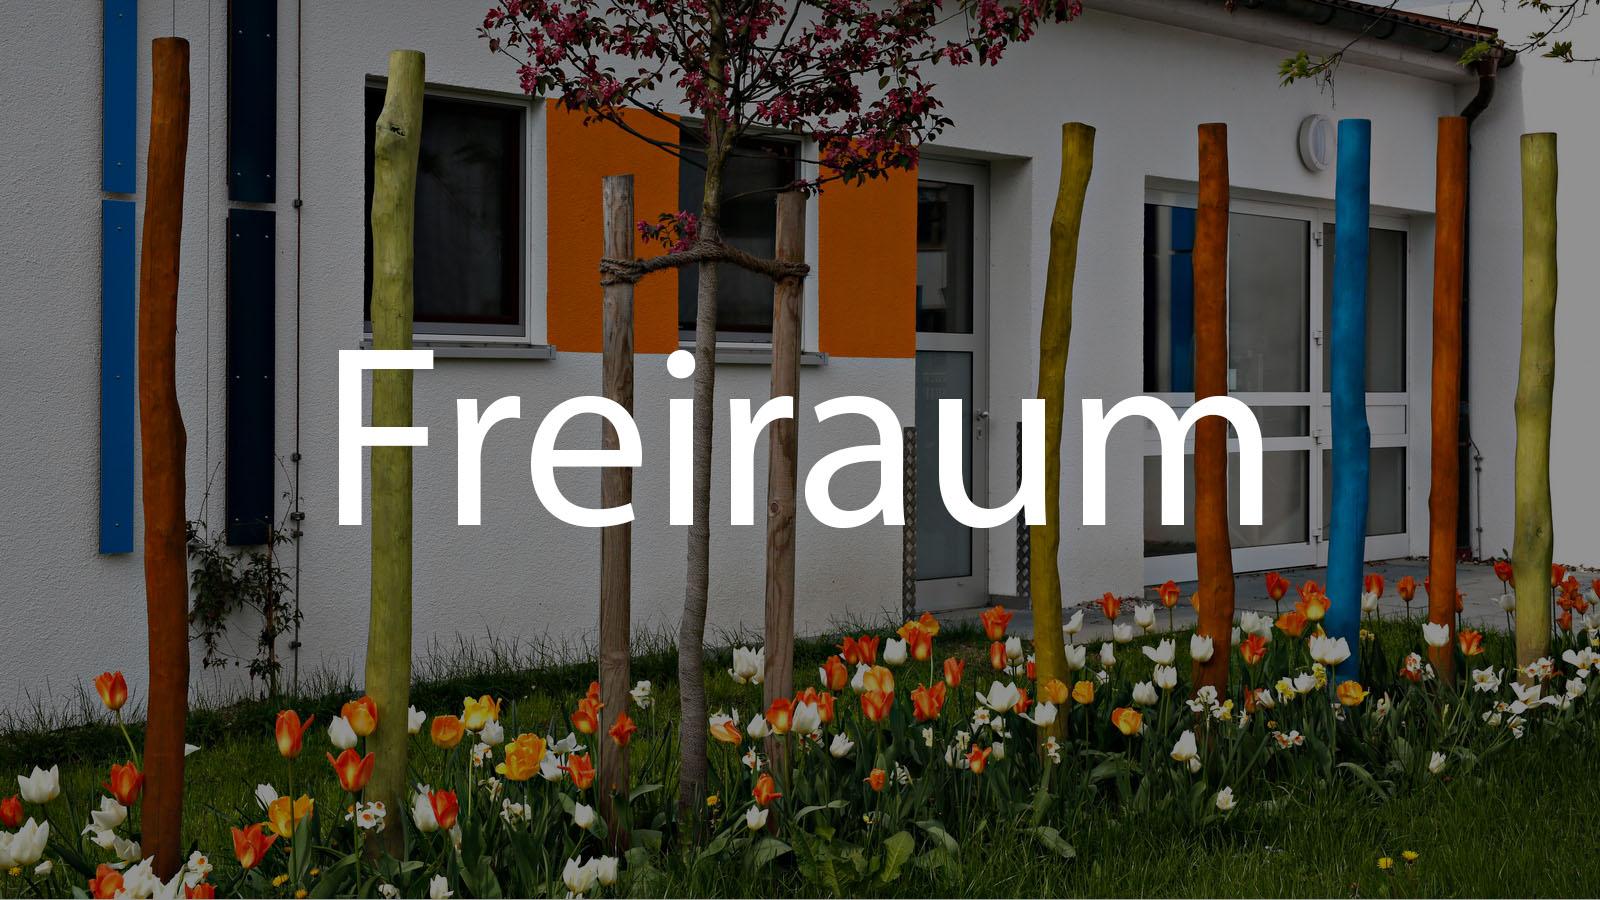 Freiraumplanung Architekturbuero Reitberger